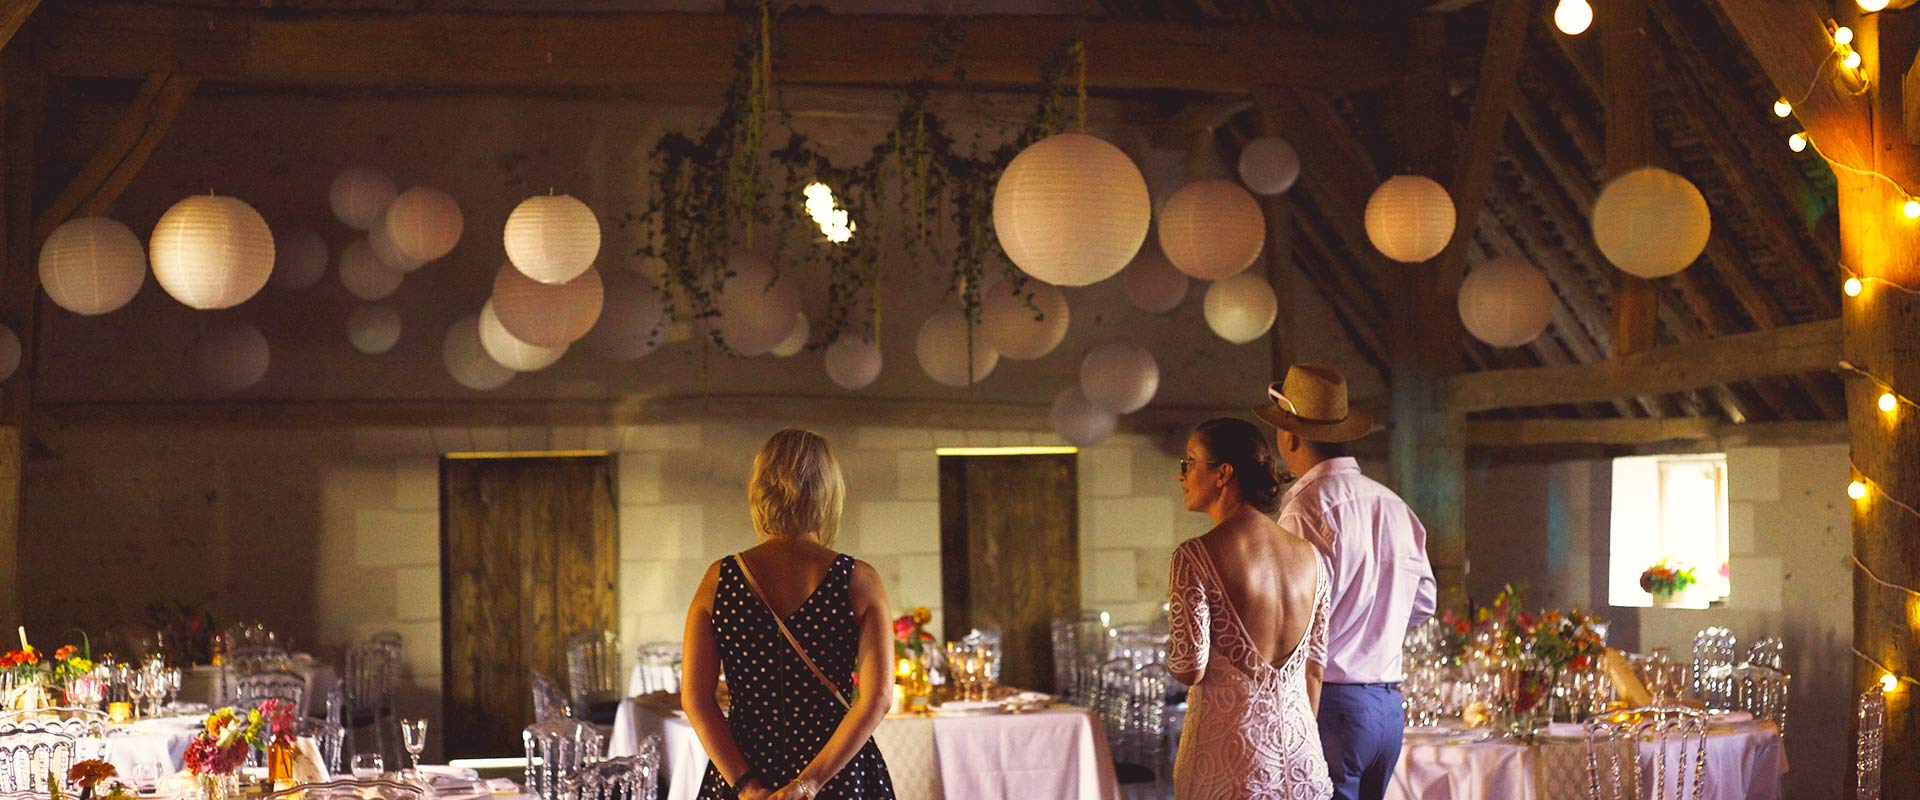 Pour un mariage de rêve en Touraine, la Grange des Barres est le lieu idéal !